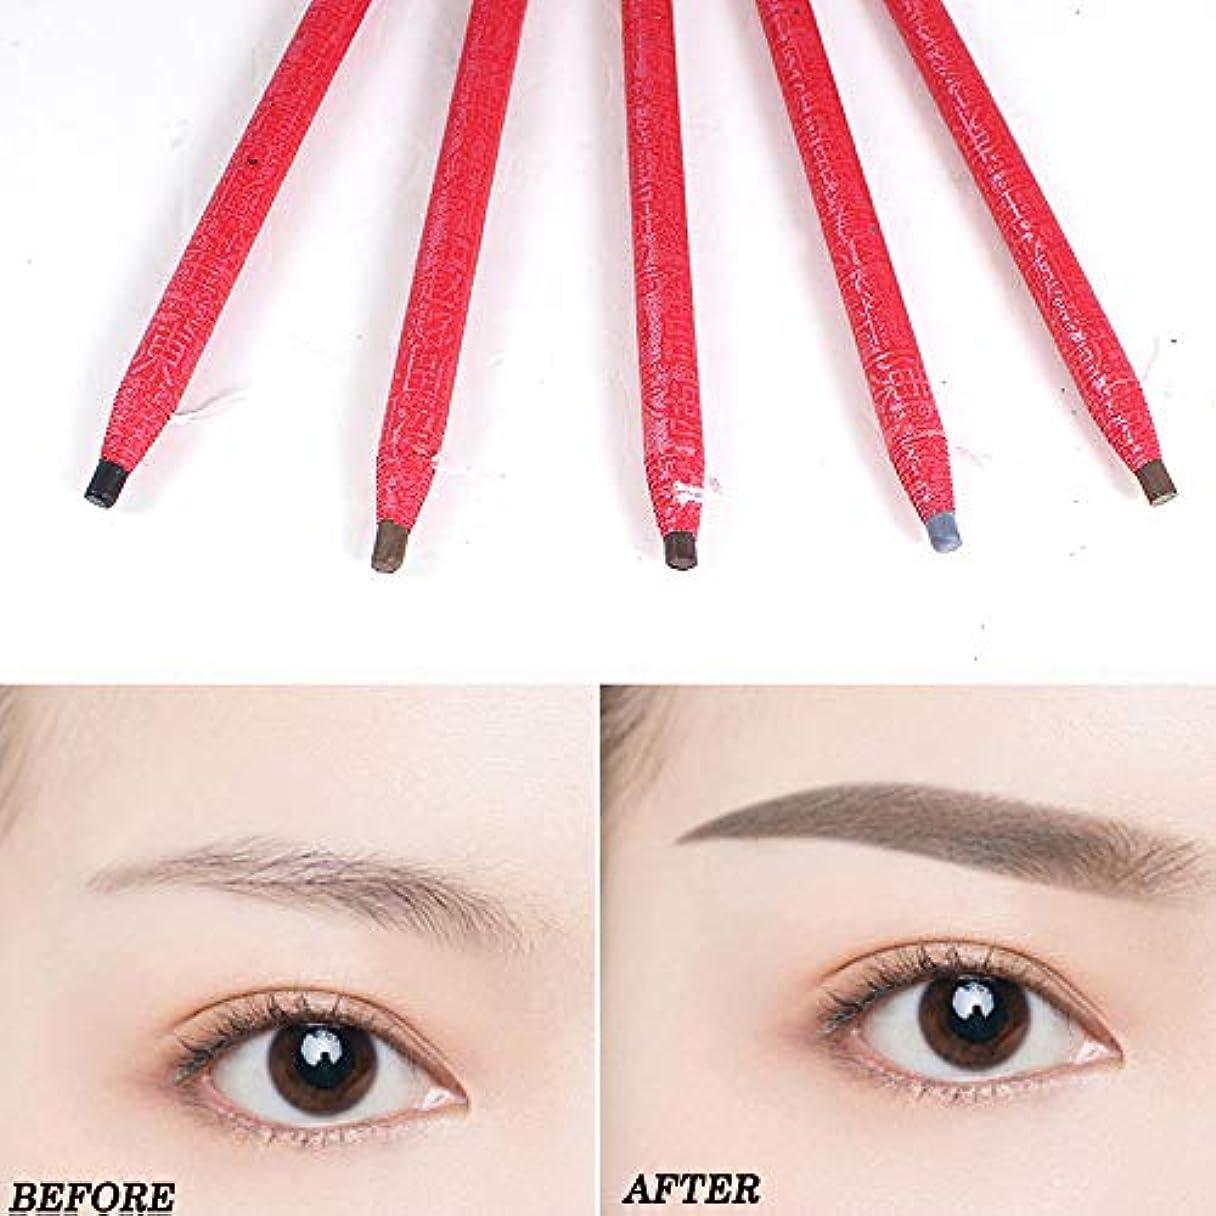 論理的に属性慣習5ピース描画眉ペン刺繍ペン防水眉ペンメイクアップツール